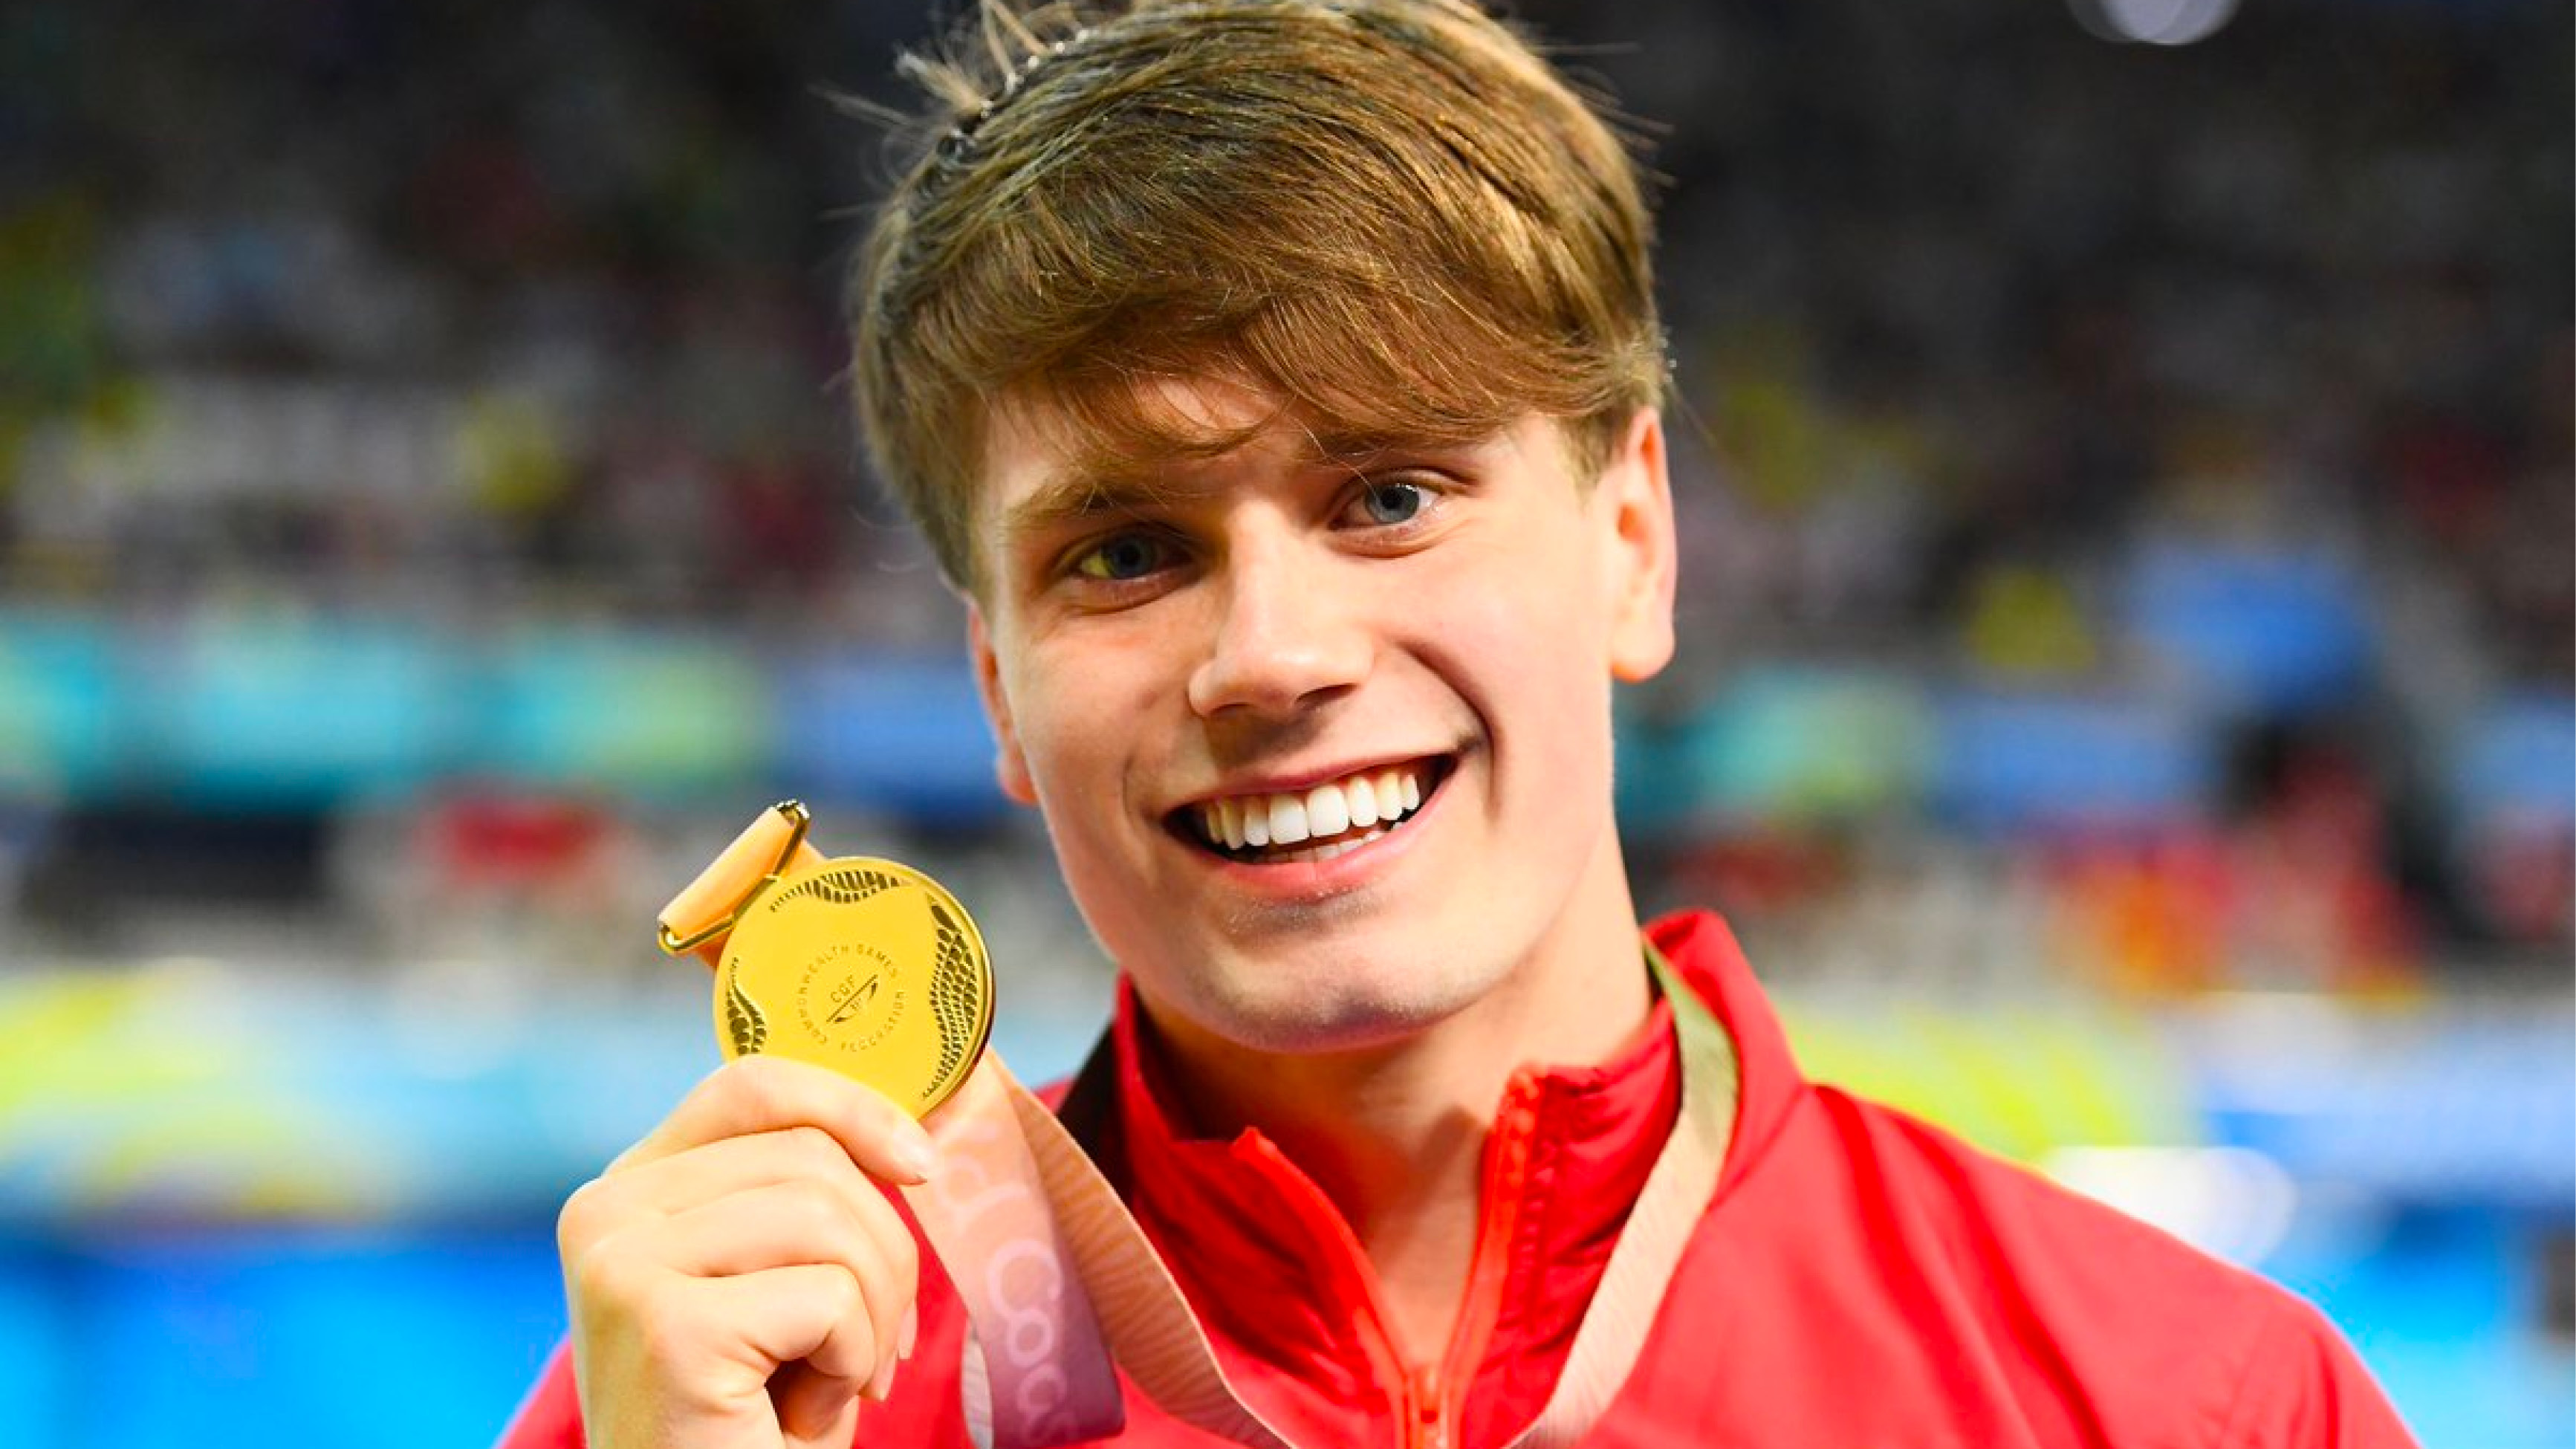 Tom Hamer holding medal